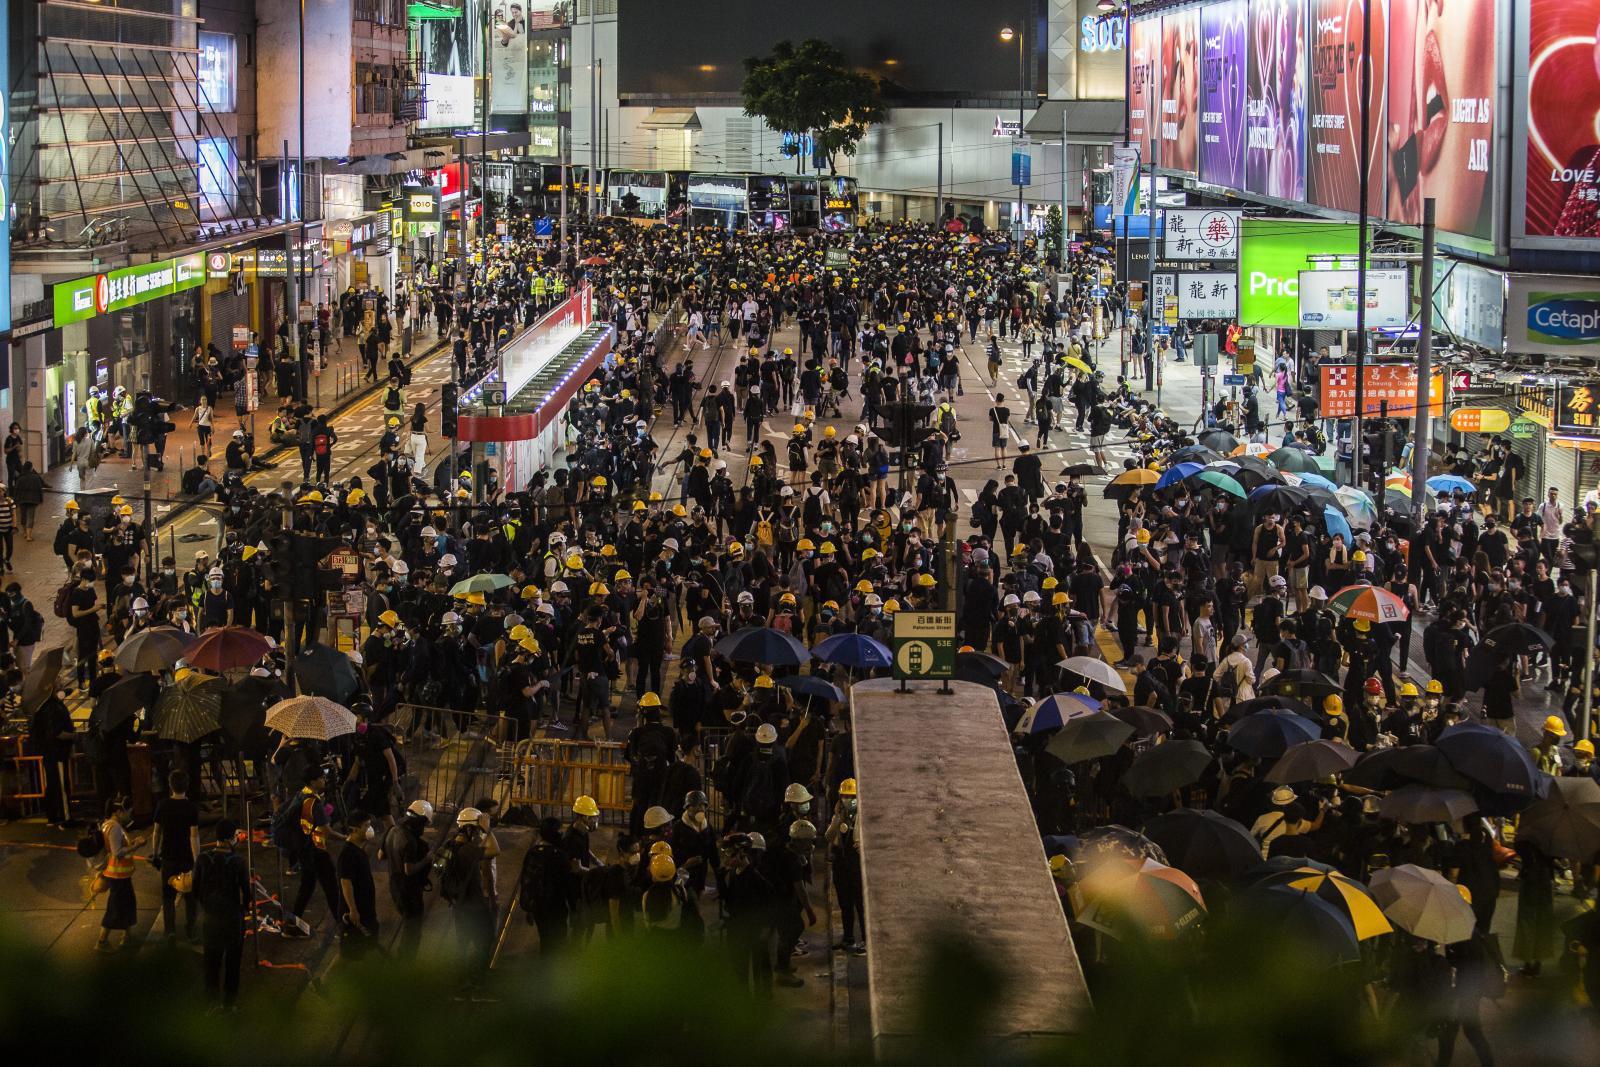 ผู้ประท้วงฮ่องกงเตรียมชุมนุมครั้งใหญ่